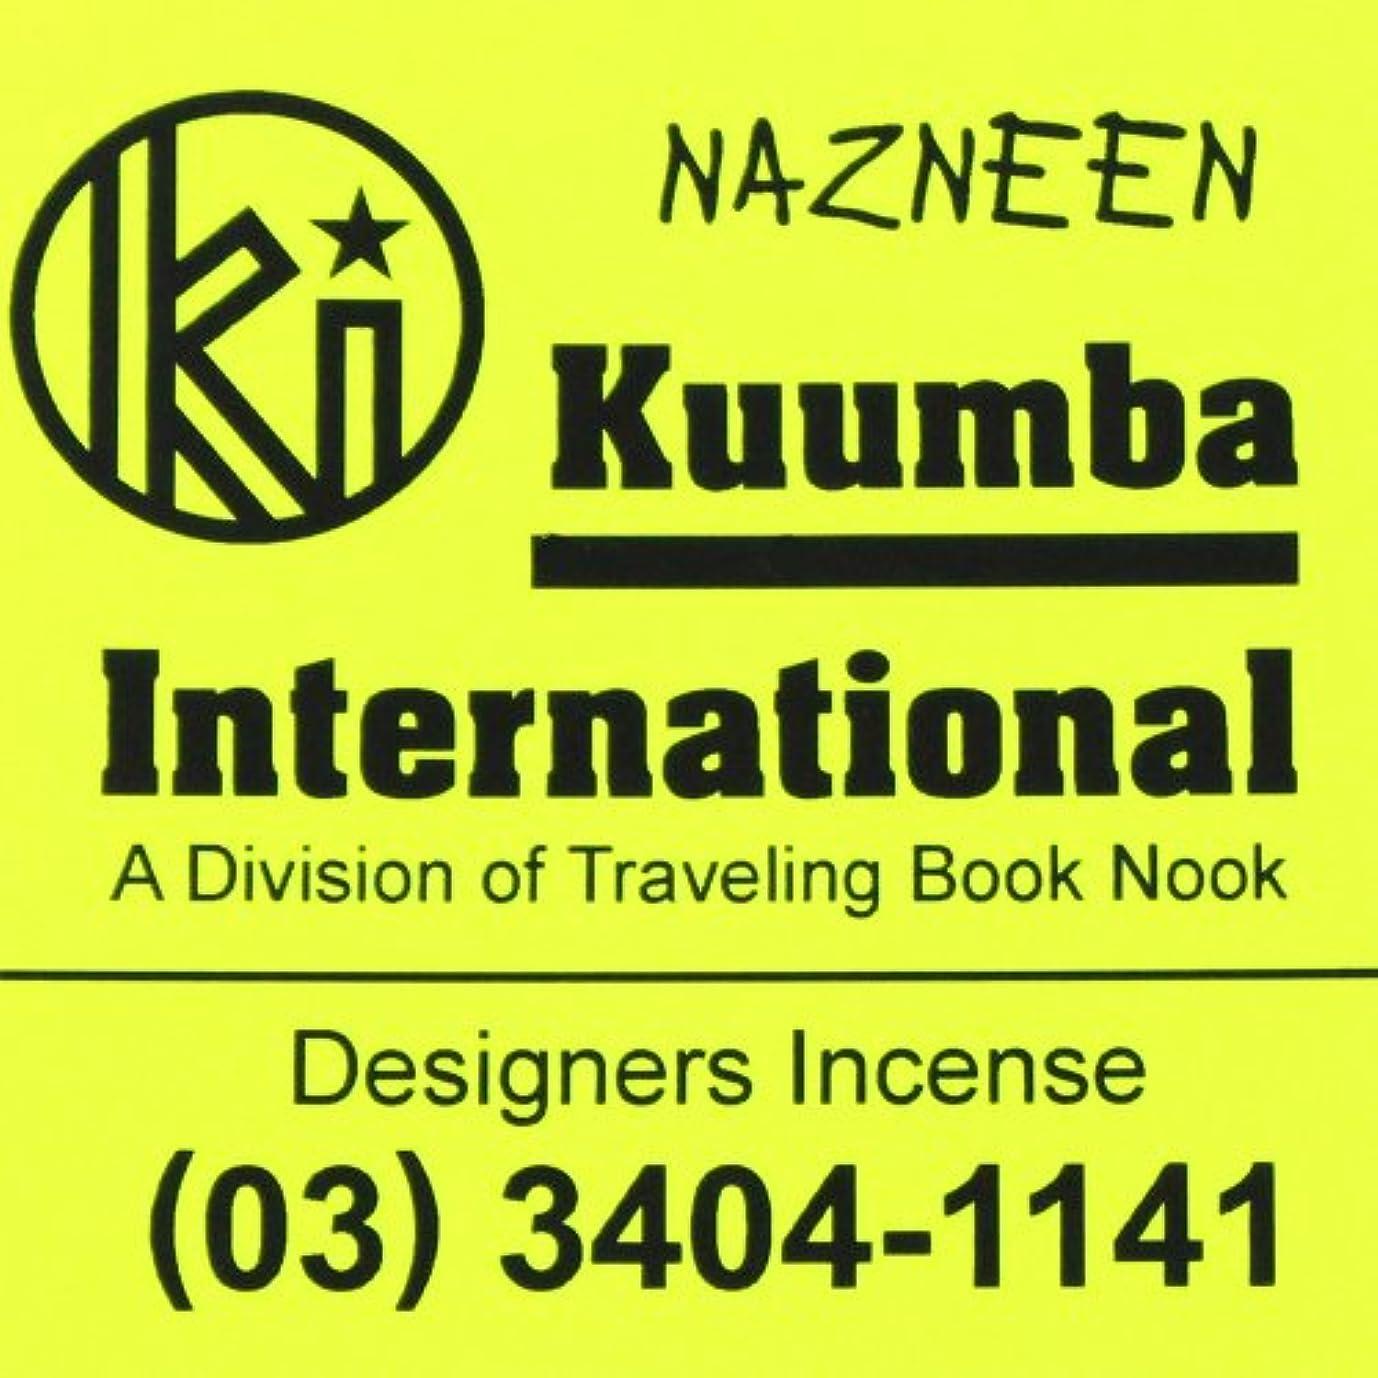 ラベ癌より良い(クンバ) KUUMBA『classic regular incense』(NAZNEEN) (Regular size)